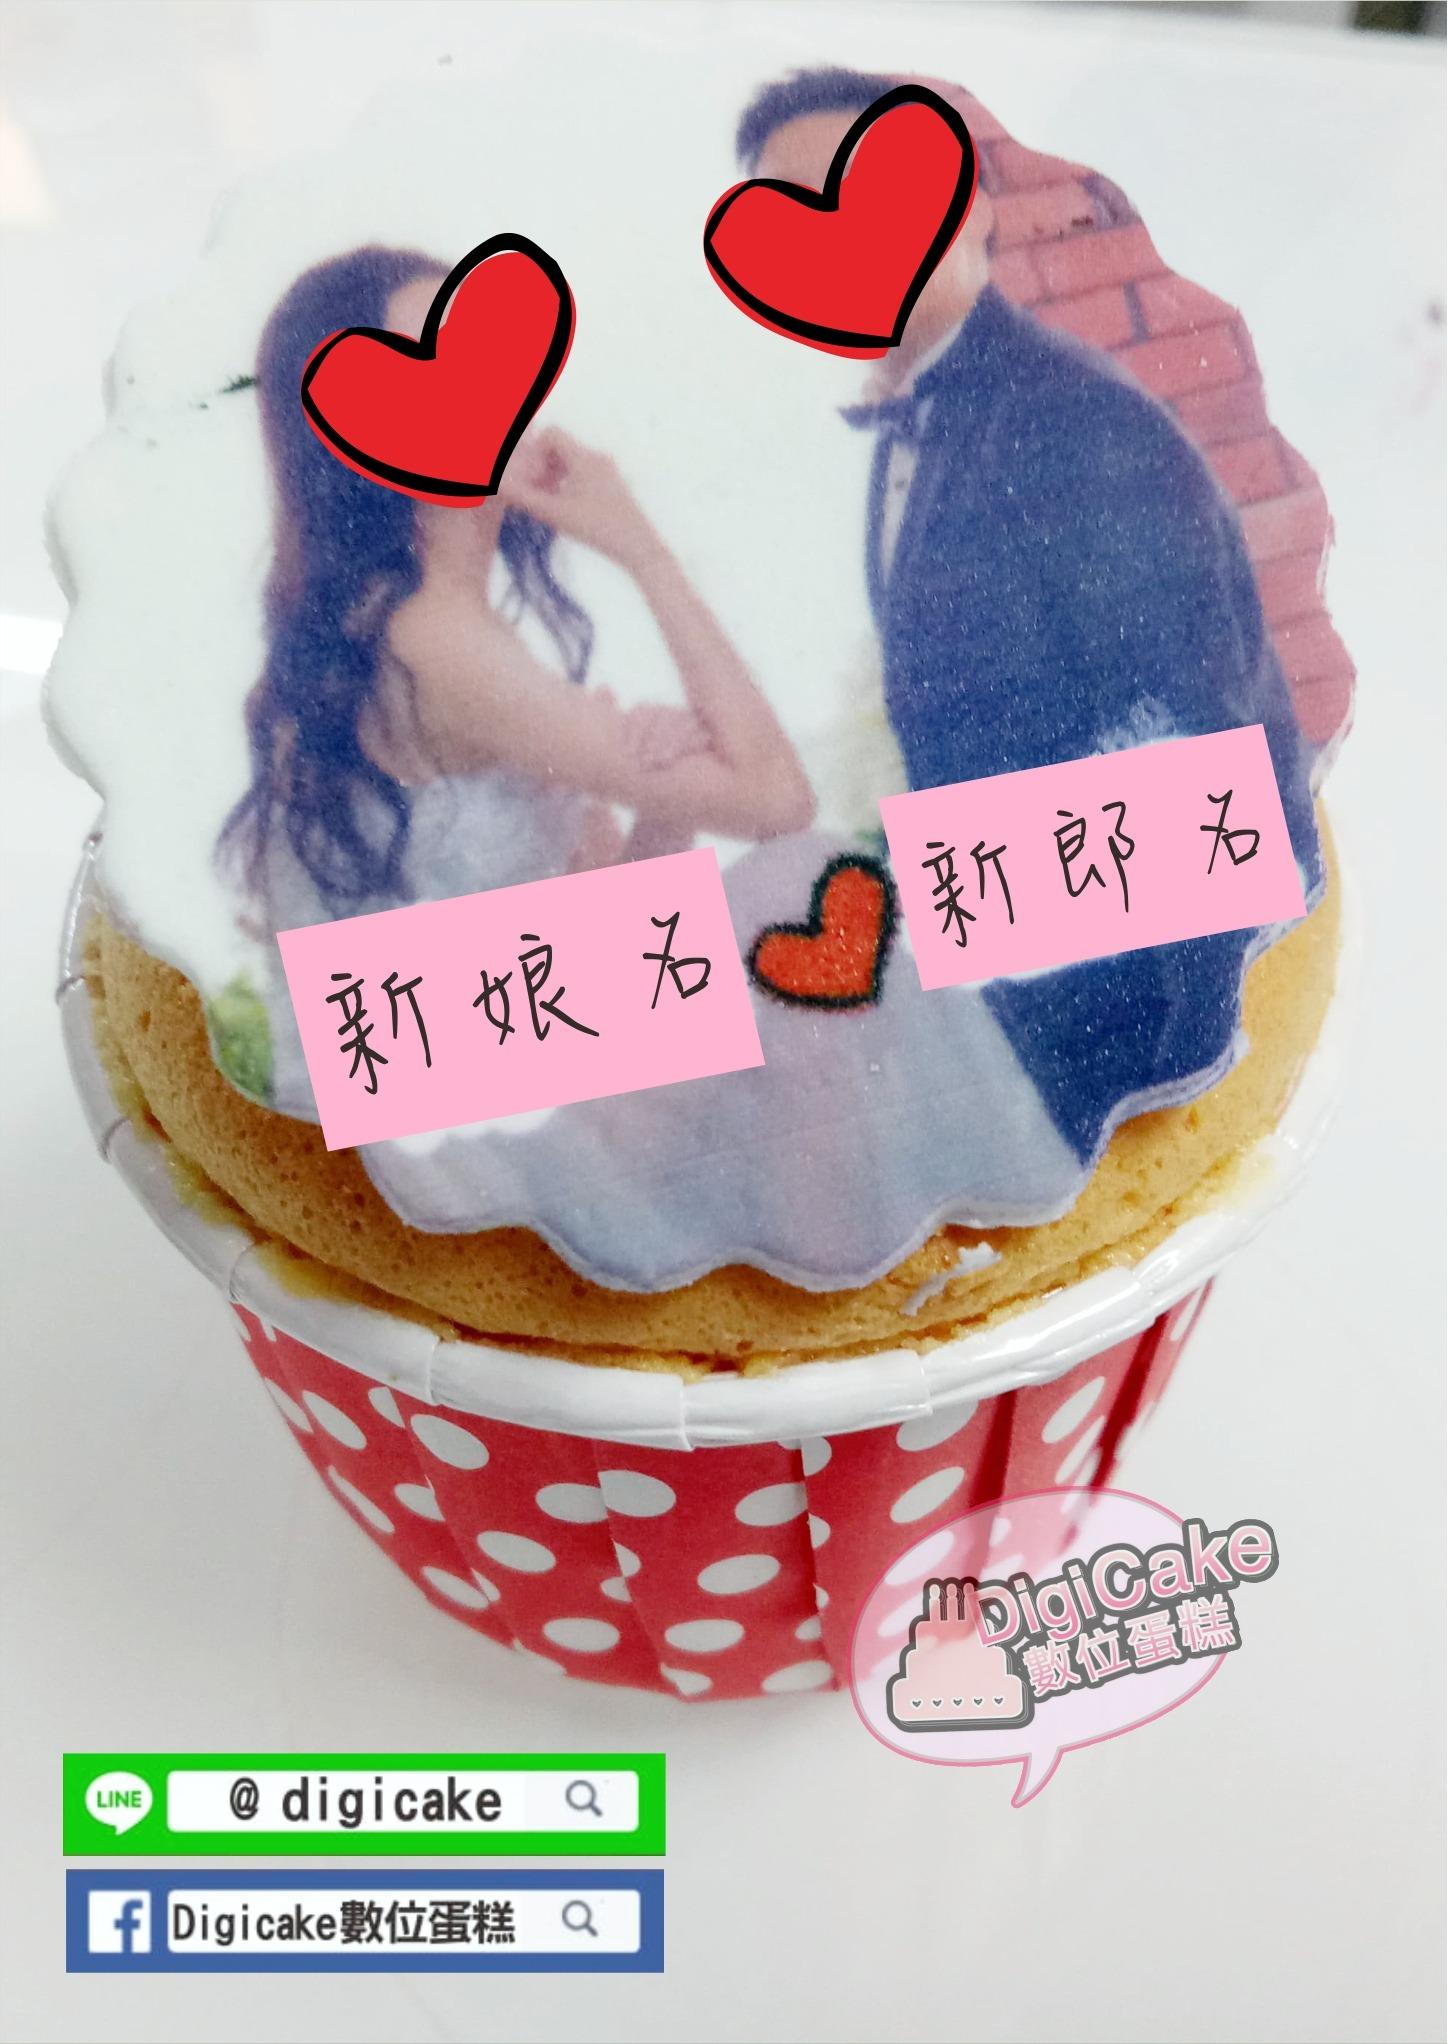 點此進入婚禮相片糖片杯子蛋糕的詳細資料!